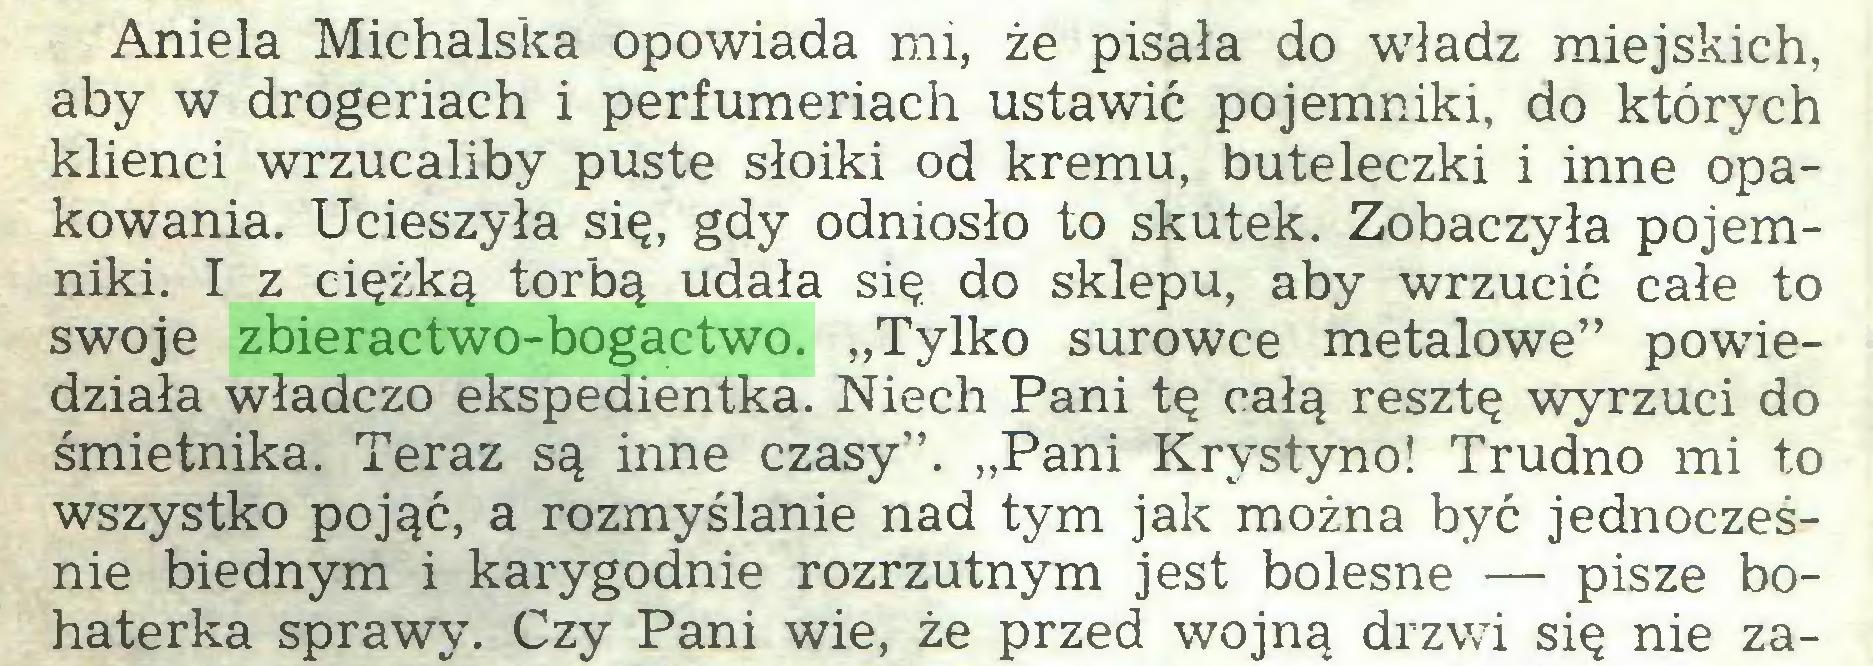 """(...) Aniela Michalska opowiada mi, że pisała do władz miejskich, aby w drogeriach i perfumeriach ustawić pojemniki, do których klienci wrzucaliby puste słoiki od kremu, buteleczki i inne opakowania. Ucieszyła się, gdy odniosło to skutek. Zobaczyła pojemniki. I z ciężką torbą udała się do sklepu, aby wrzucić całe to swoje zbieractwo-bogactwo. """"Tylko surowce metalowe"""" powiedziała władczo ekspedientka. Niech Pani tę całą resztę wyrzuci do śmietnika. Teraz są inne czasy"""". """"Pani Krystyno! Trudno mi to wszystko pojąć, a rozmyślanie nad tym jak można być jednocześnie biednym i karygodnie rozrzutnym jest bolesne — pisze bohaterka sprawy. Czy Pani wie, że przed wojną drzwi się nie za..."""